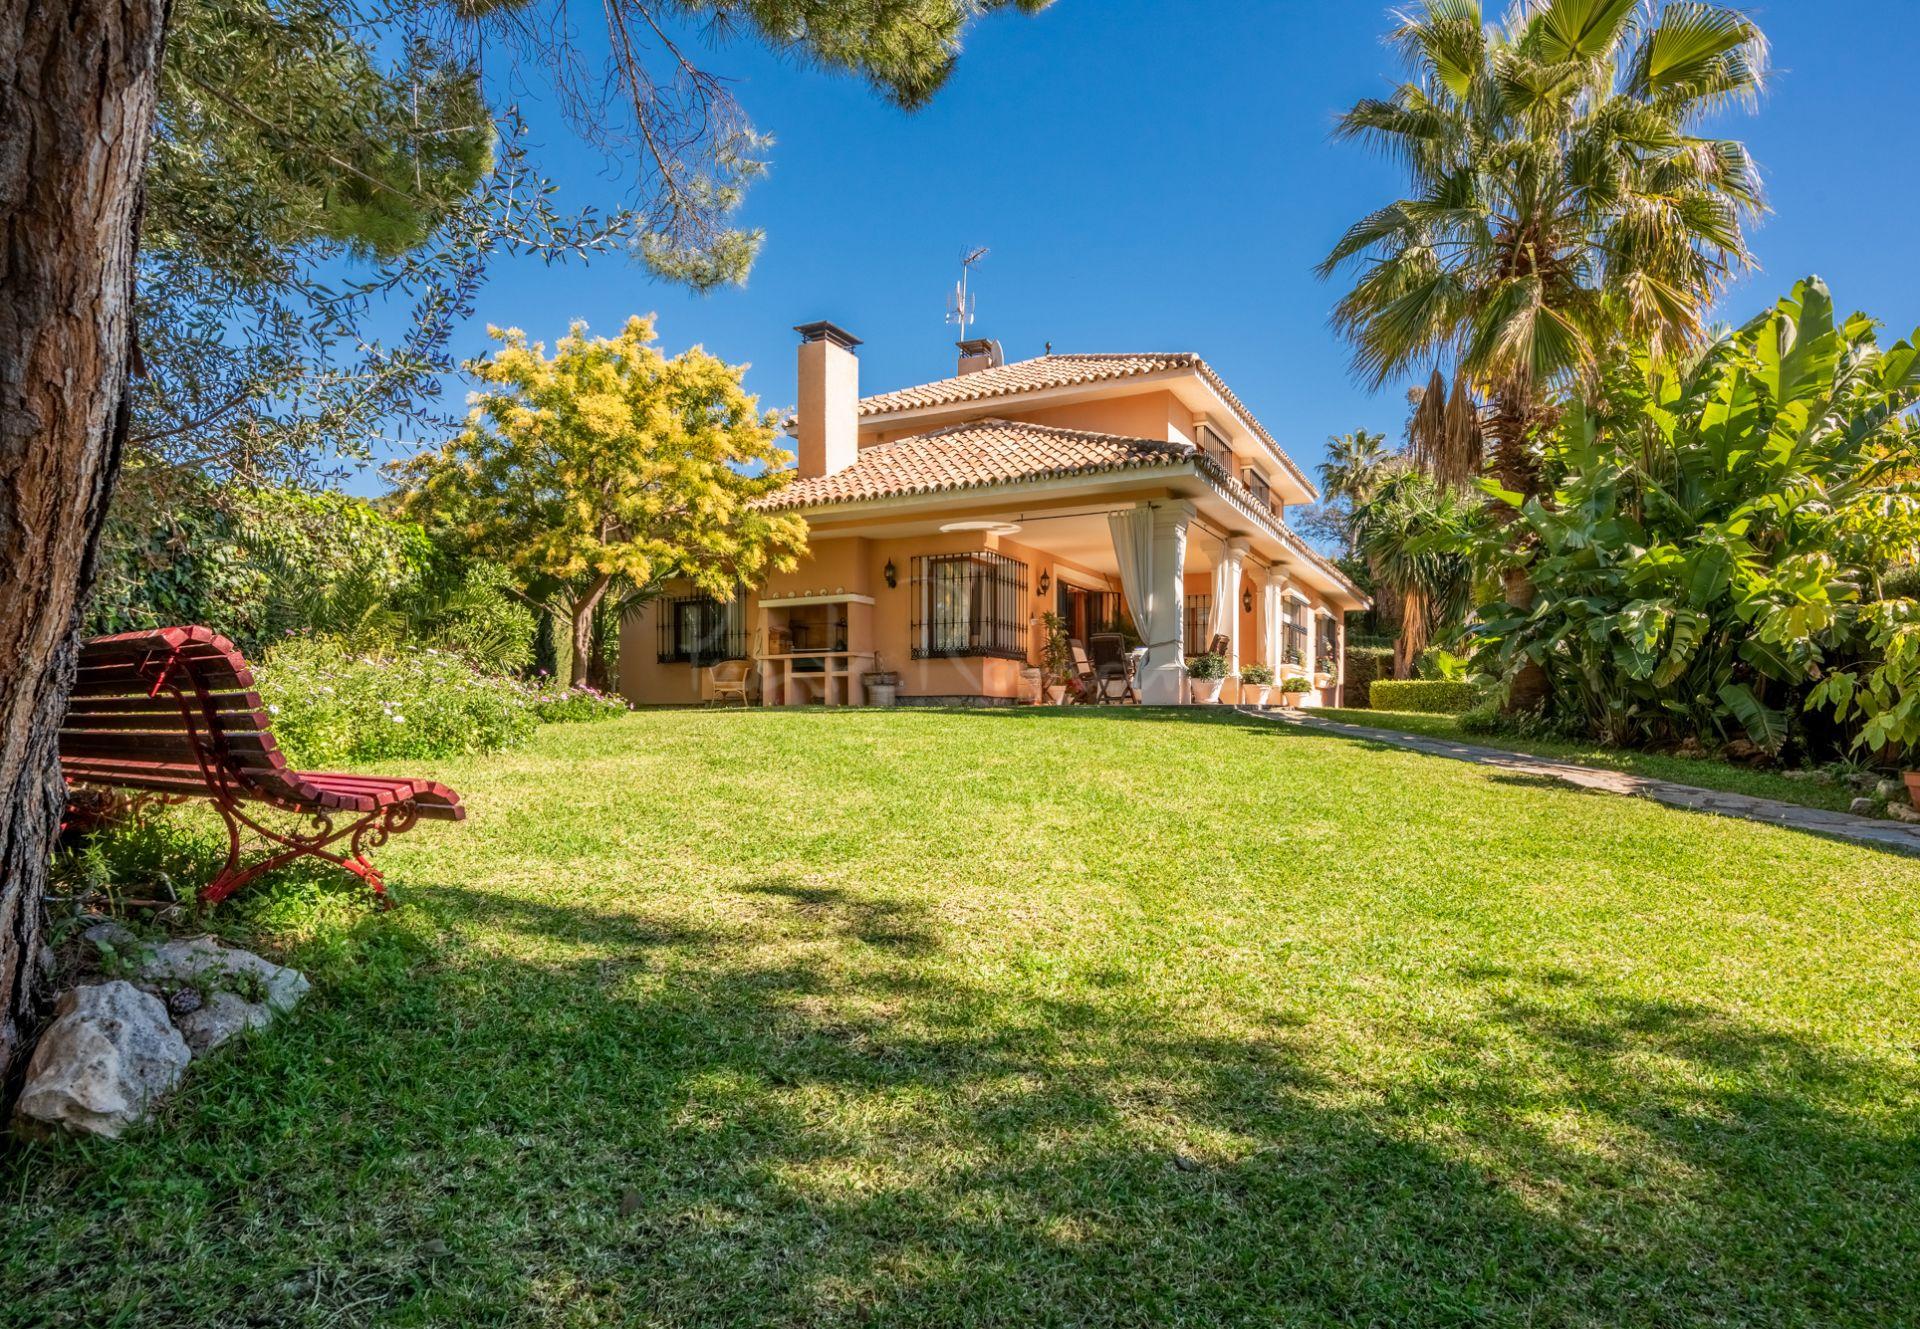 Villa in La Merced, Marbella